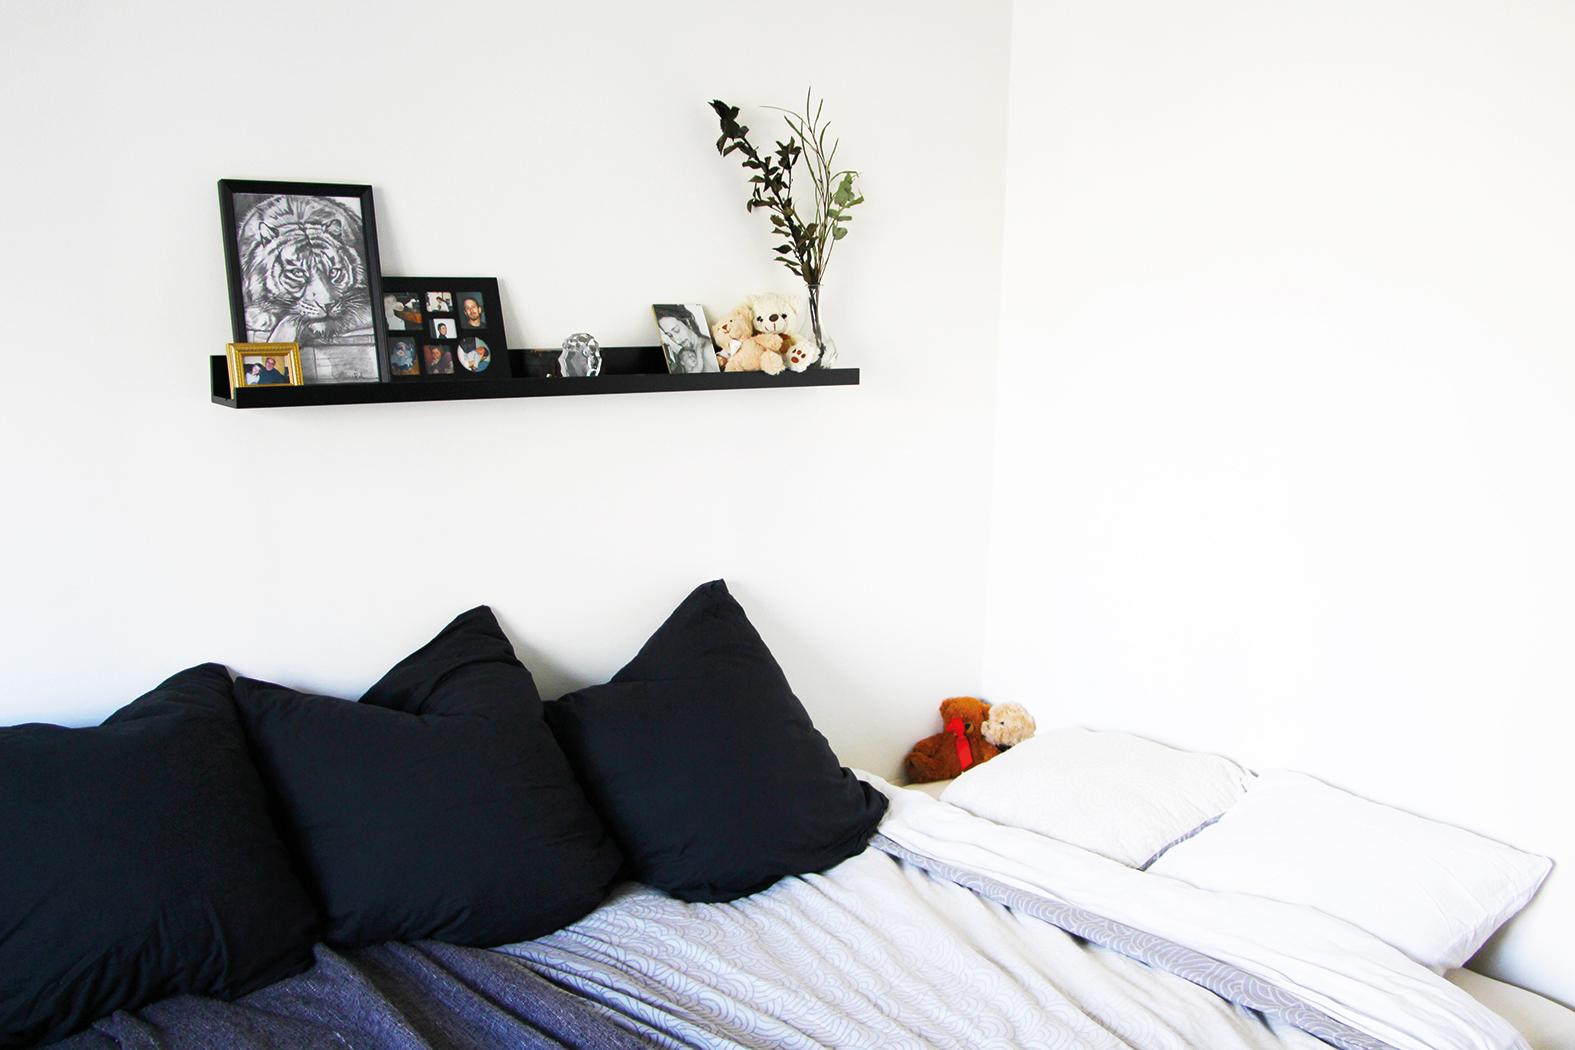 Att inreda kvadratsmart var något Embla snabbt lärde sig.  Sängen fungerar till exempel både som säng och soffa.